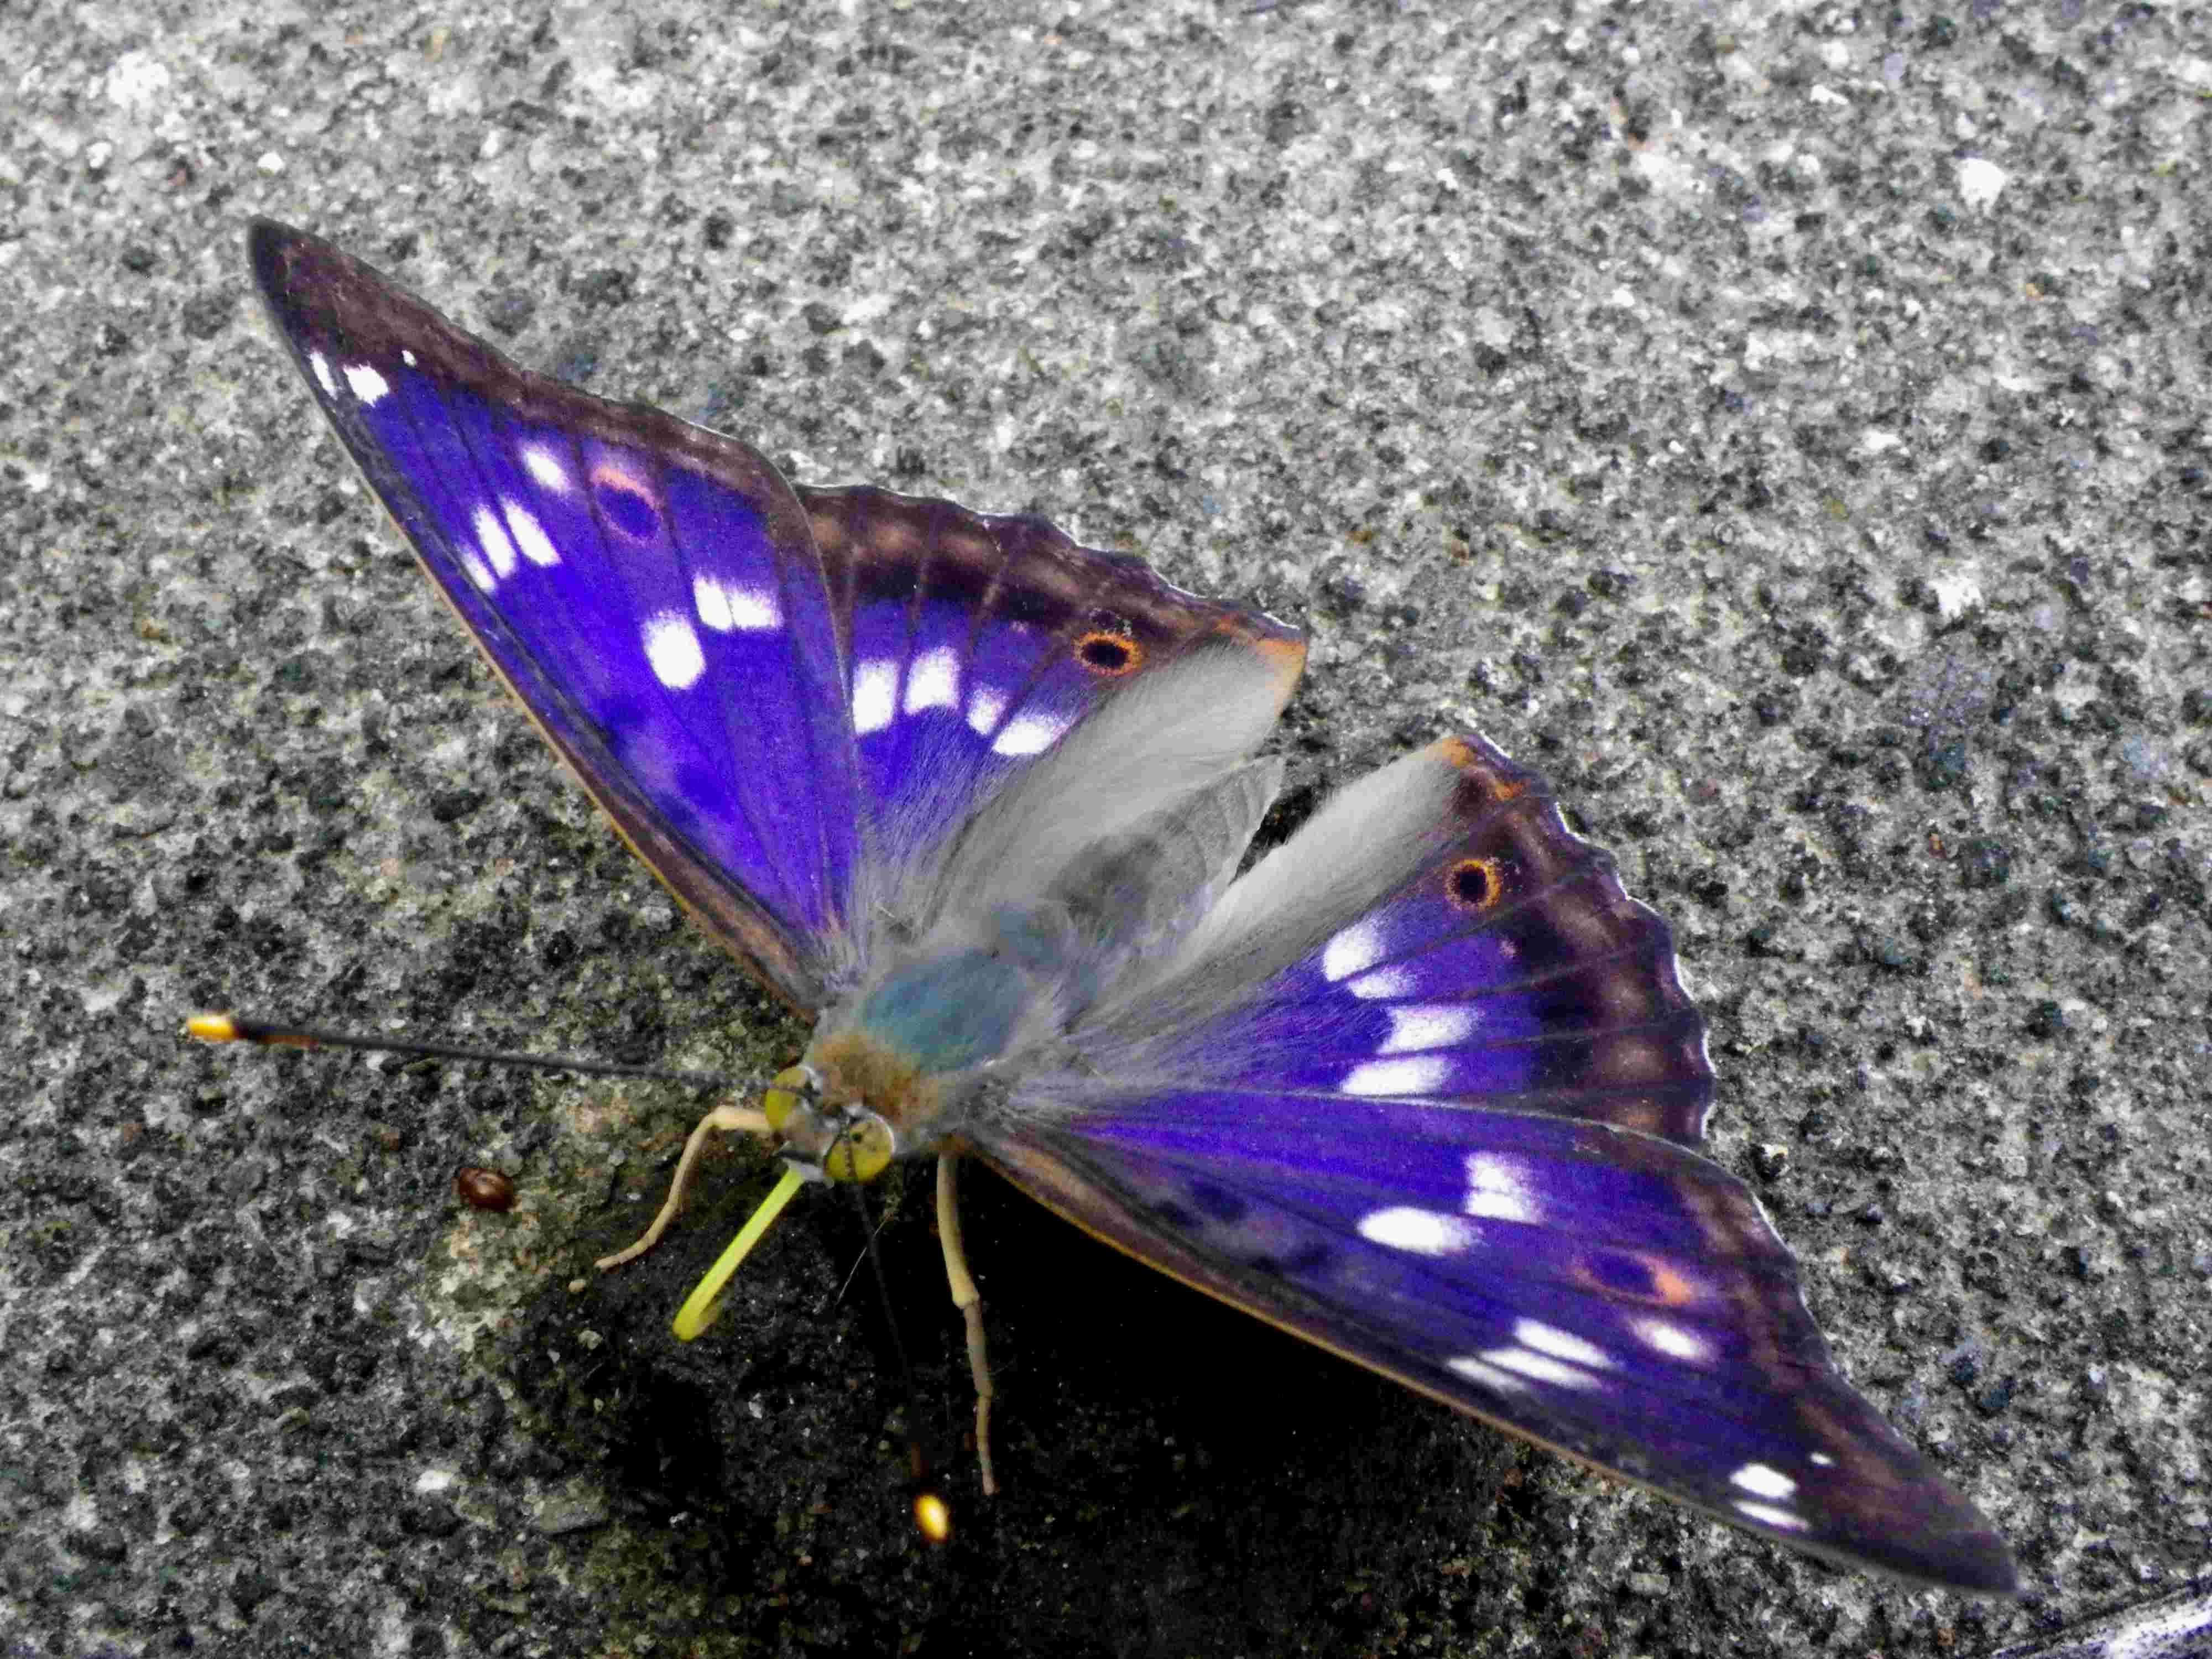 クロコムラサキ四翅の輝き 7月10日_d0254540_19484516.jpg